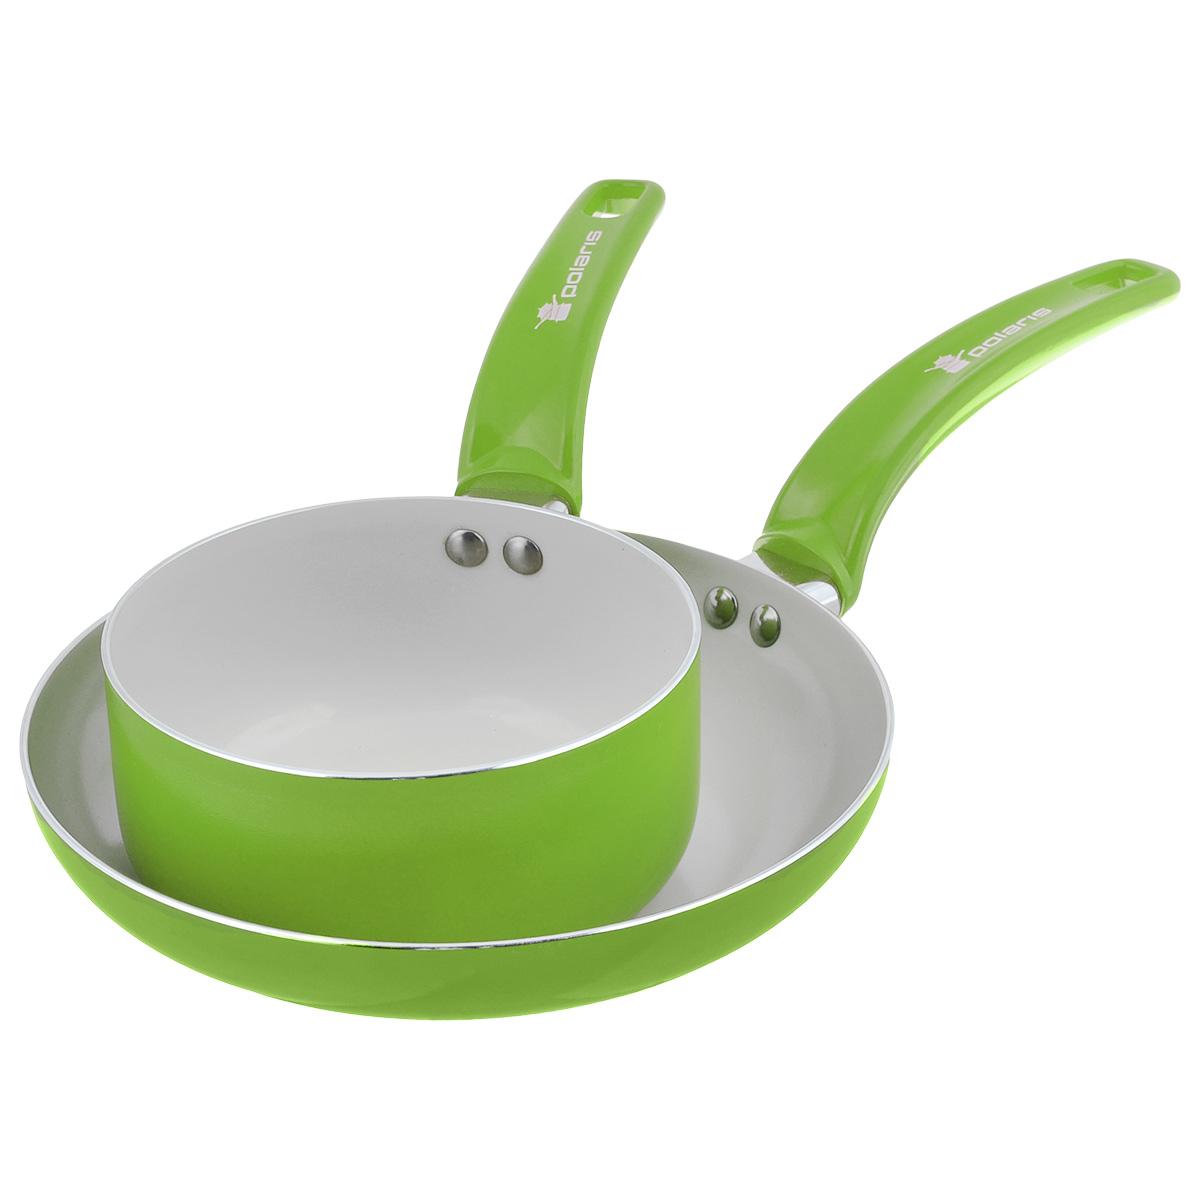 Набор посуды Polaris Rainbow, с керамическим покрытием, цвет: салатовый, 2 предметаRain-1624SPFНабор посуды Polaris Rainbow состоит из сковороды и ковша. Изделия выполнены из алюминия с керамическим антипригарным покрытием. Покрытие экологично, не содержит примеси PFOA и PTFE. Эргономичная ручка из бакелита не нагревается в процессе эксплуатации. Изделия подходят для всех типов плит, кроме индукционных. Можно мыть в посудомоечной машине. Диаметр сковороды (по верхнему краю): 24 см. Диаметр ковша (по верхнему краю): 16 см. Высота стенки сковороды: 4,5 см. Высота стенки ковша: 7,5 см. Длина ручки сковороды: 19 см. Длина ручки ковша: 16 см. Толщина стенки: 2,5 мм. Толщина дна: 3 мм.